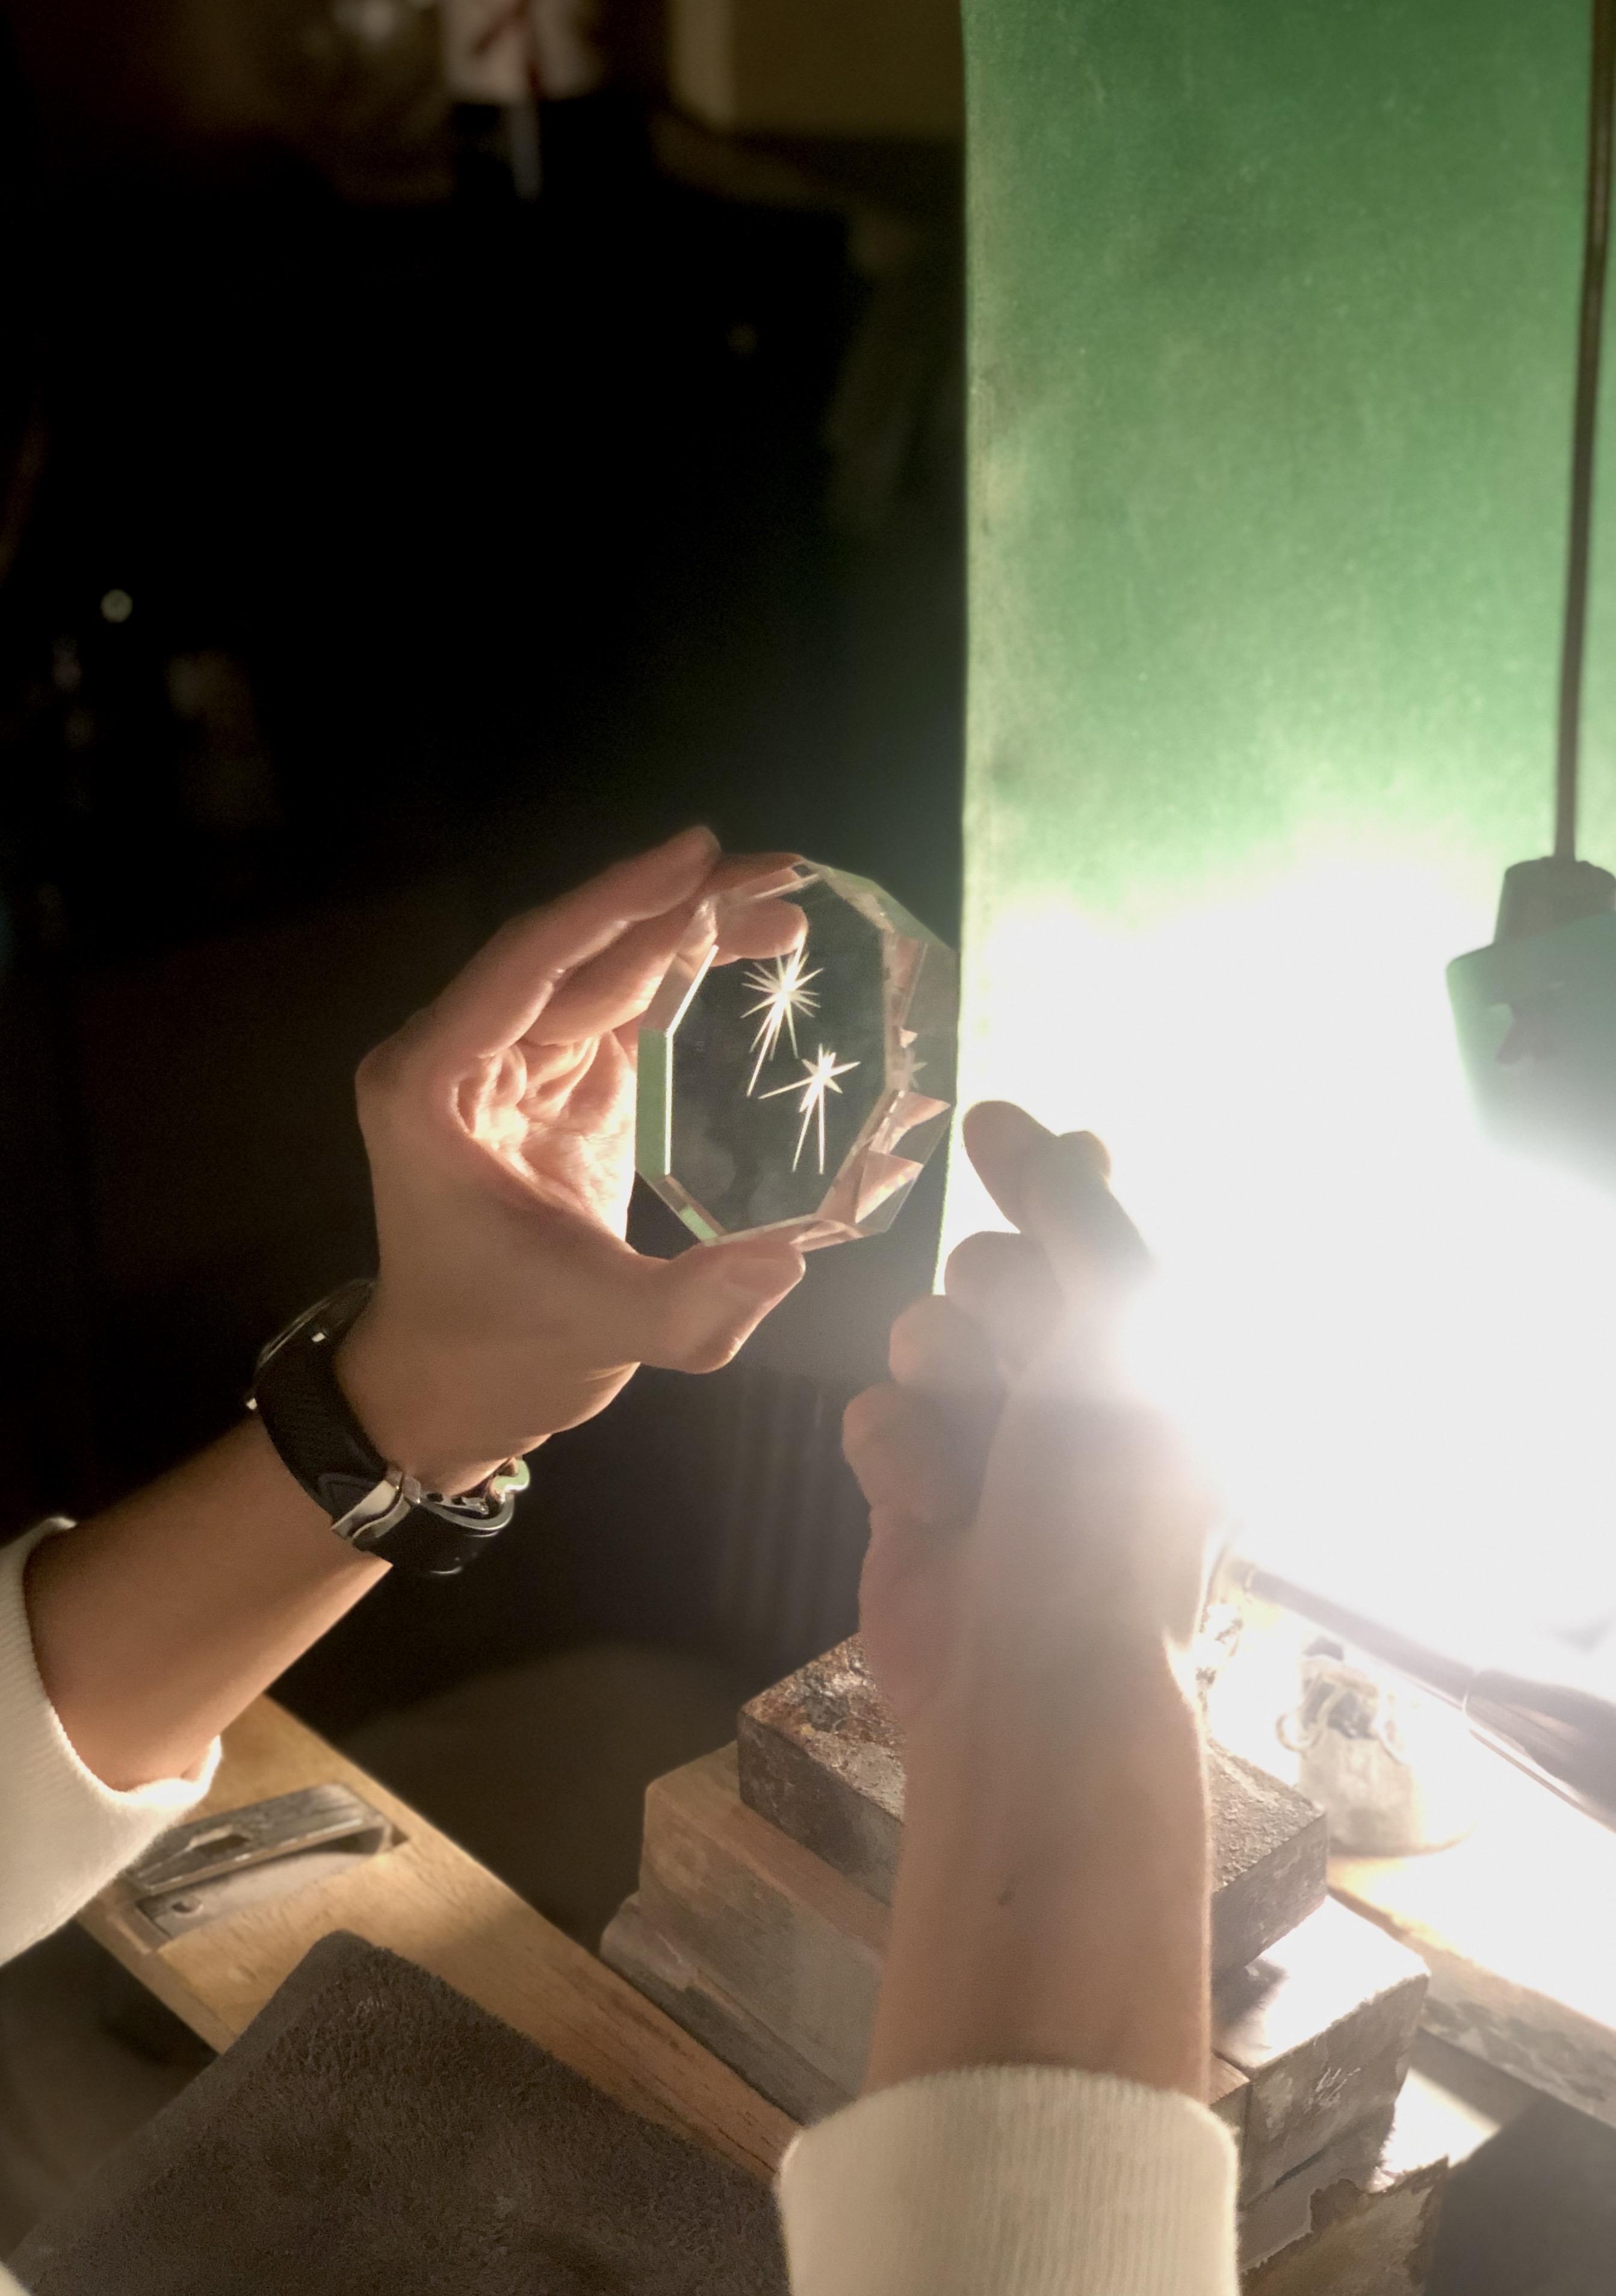 根本硝子工芸さんの職人技術 Part 2